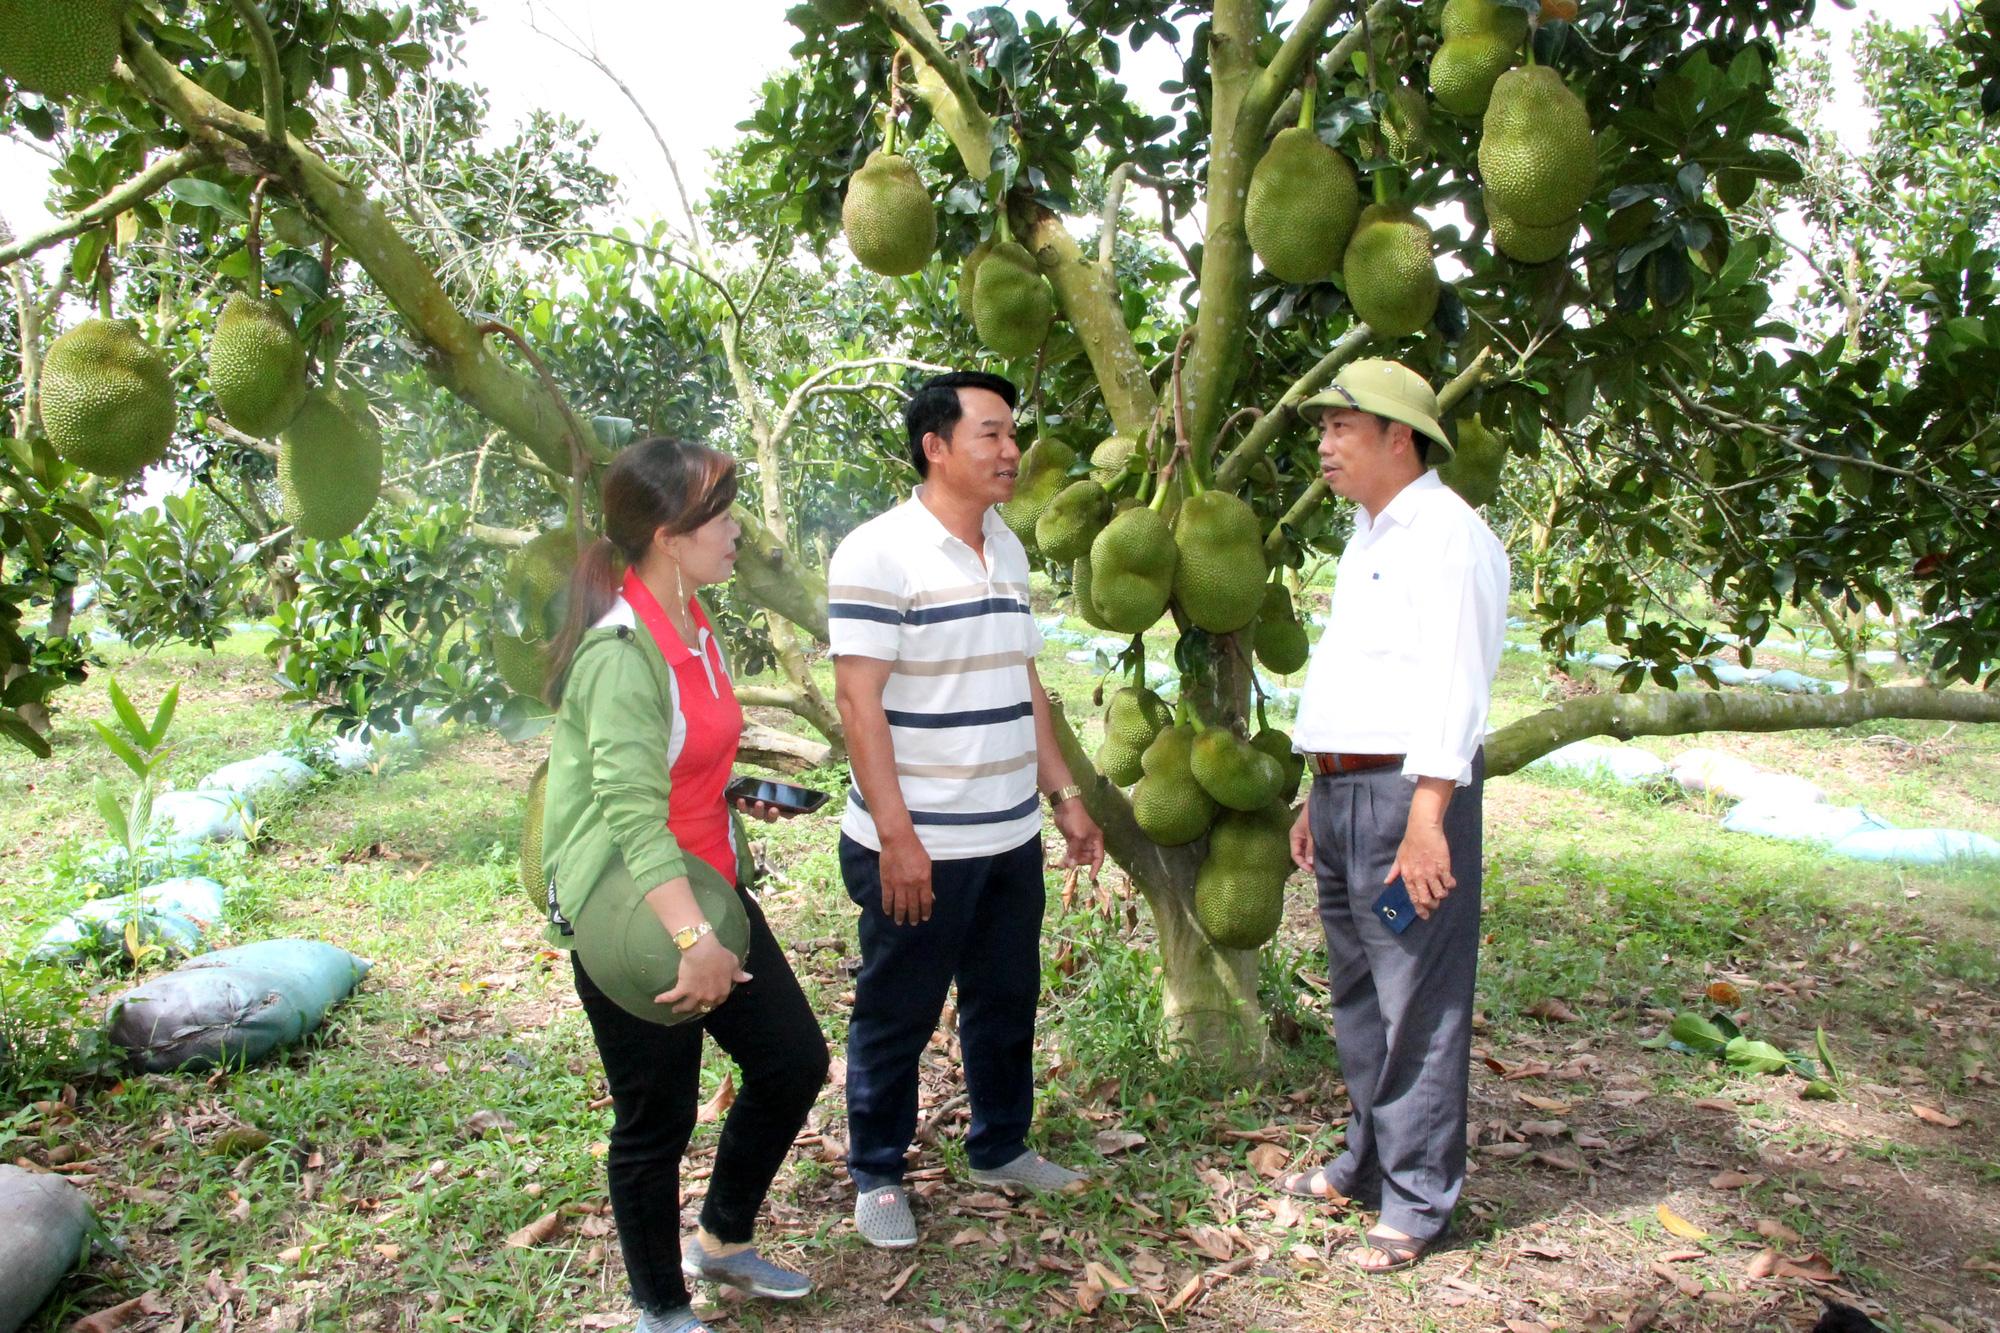 Vườn trồng mít Thái rộng 20ha của 1 ông nông dân tỉnh Đắk Lắk, bất ngờ những cây mít ra trái từ gốc lên ngọn - Ảnh 3.